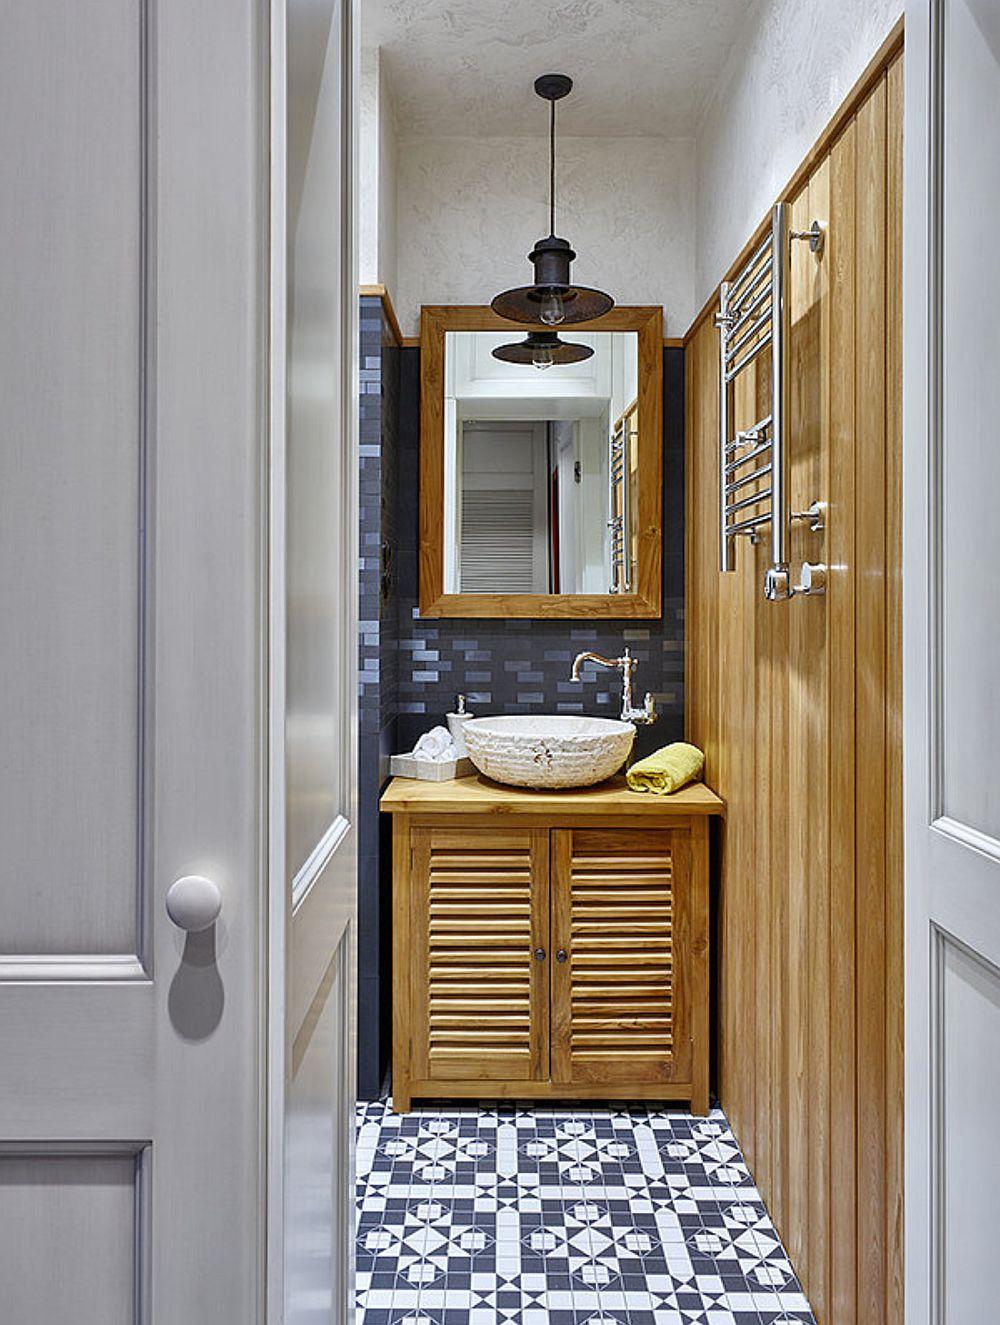 Baia mică, mai exact wc-ul se serviciu este mascat cu o ușă continuată cu o placare care are același desen. Totul gândit la interior în alb și negru, dar prezența lemnului dă un ton armonios și cald amenajării cu tușe industriale. Pardoseala din hol este continuată și în acest spațiu.